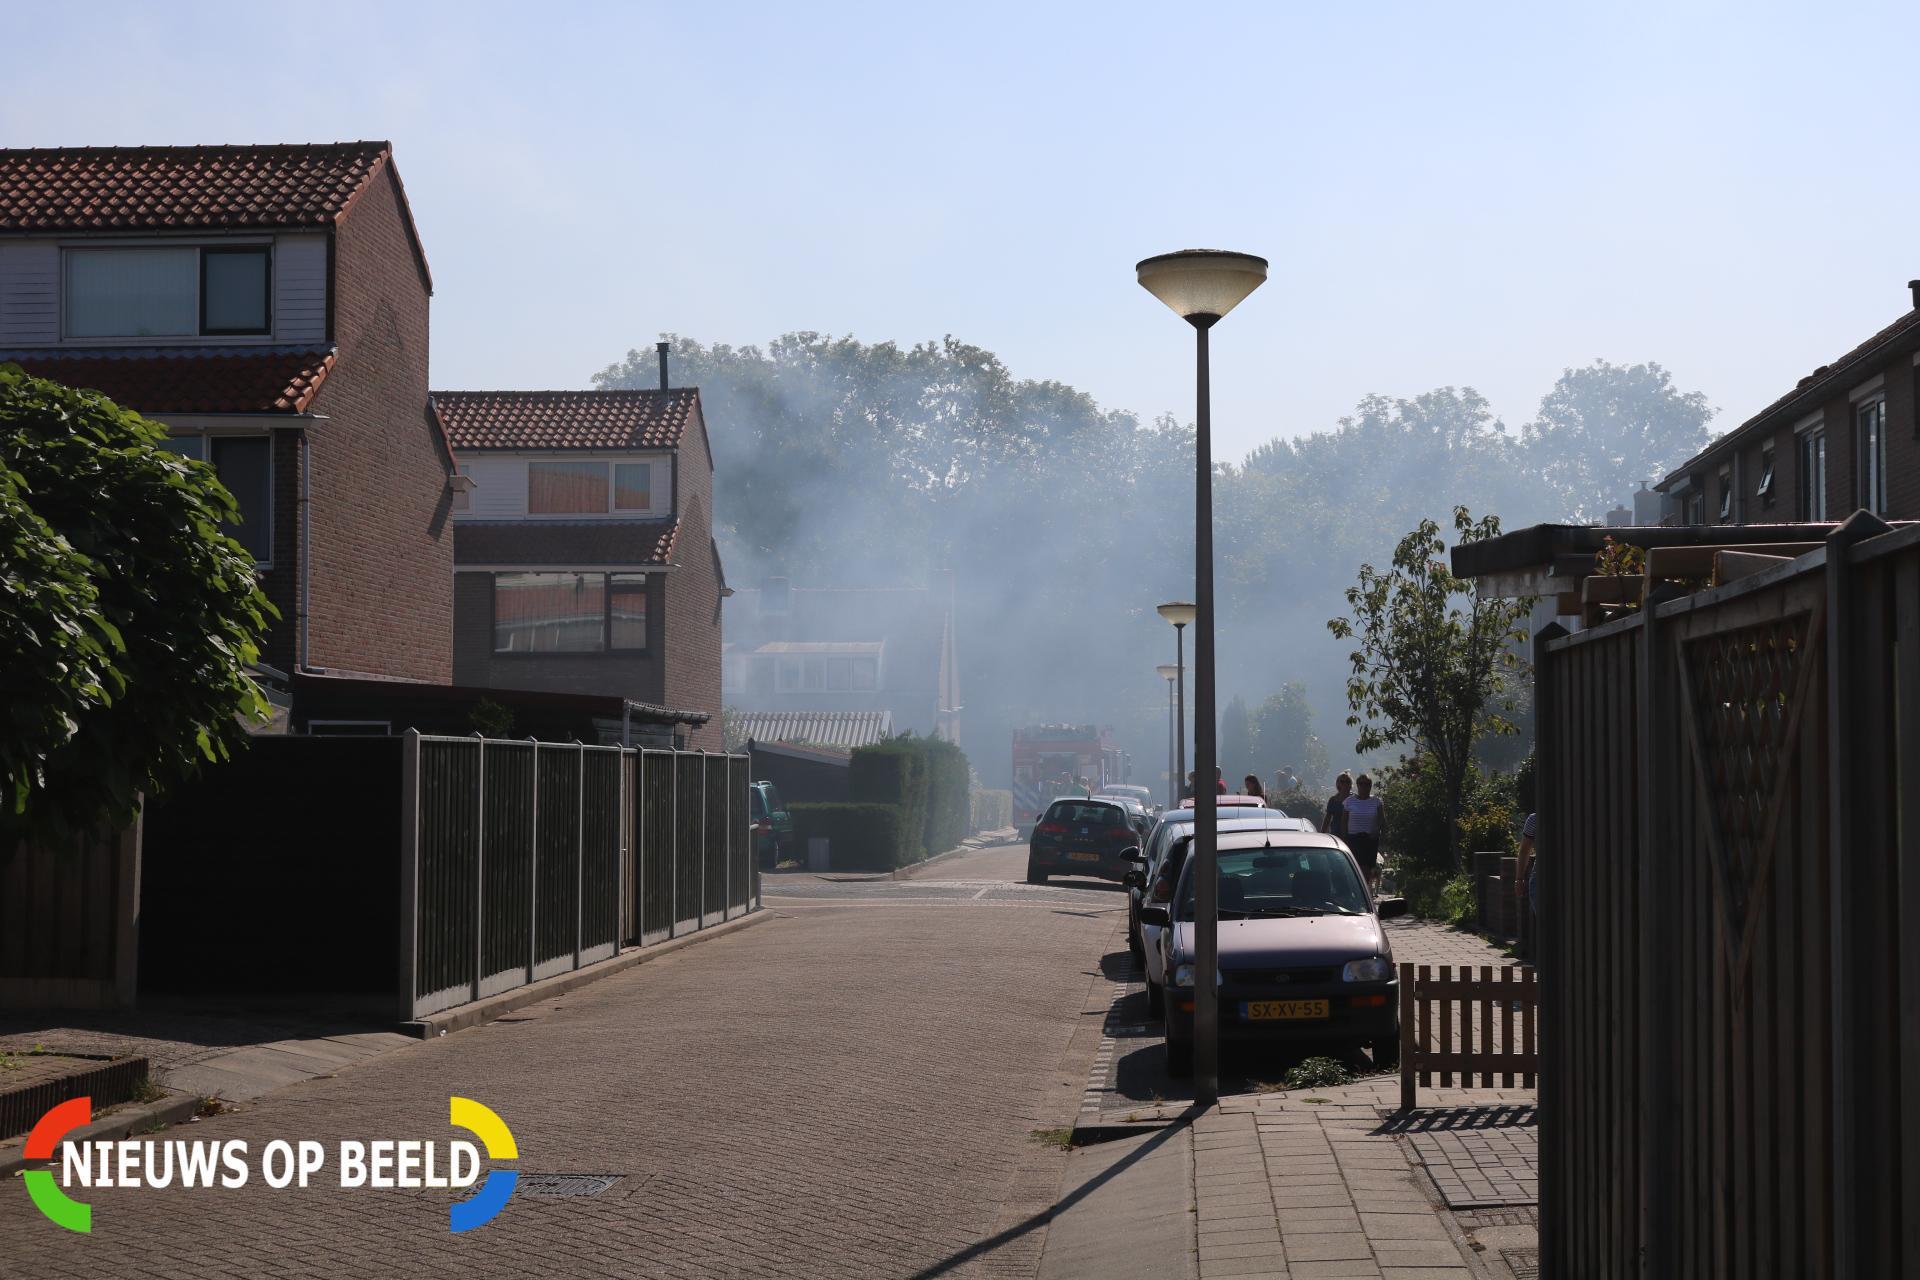 Straat vol rook door brand in schuur Doelenstraat Heenvliet